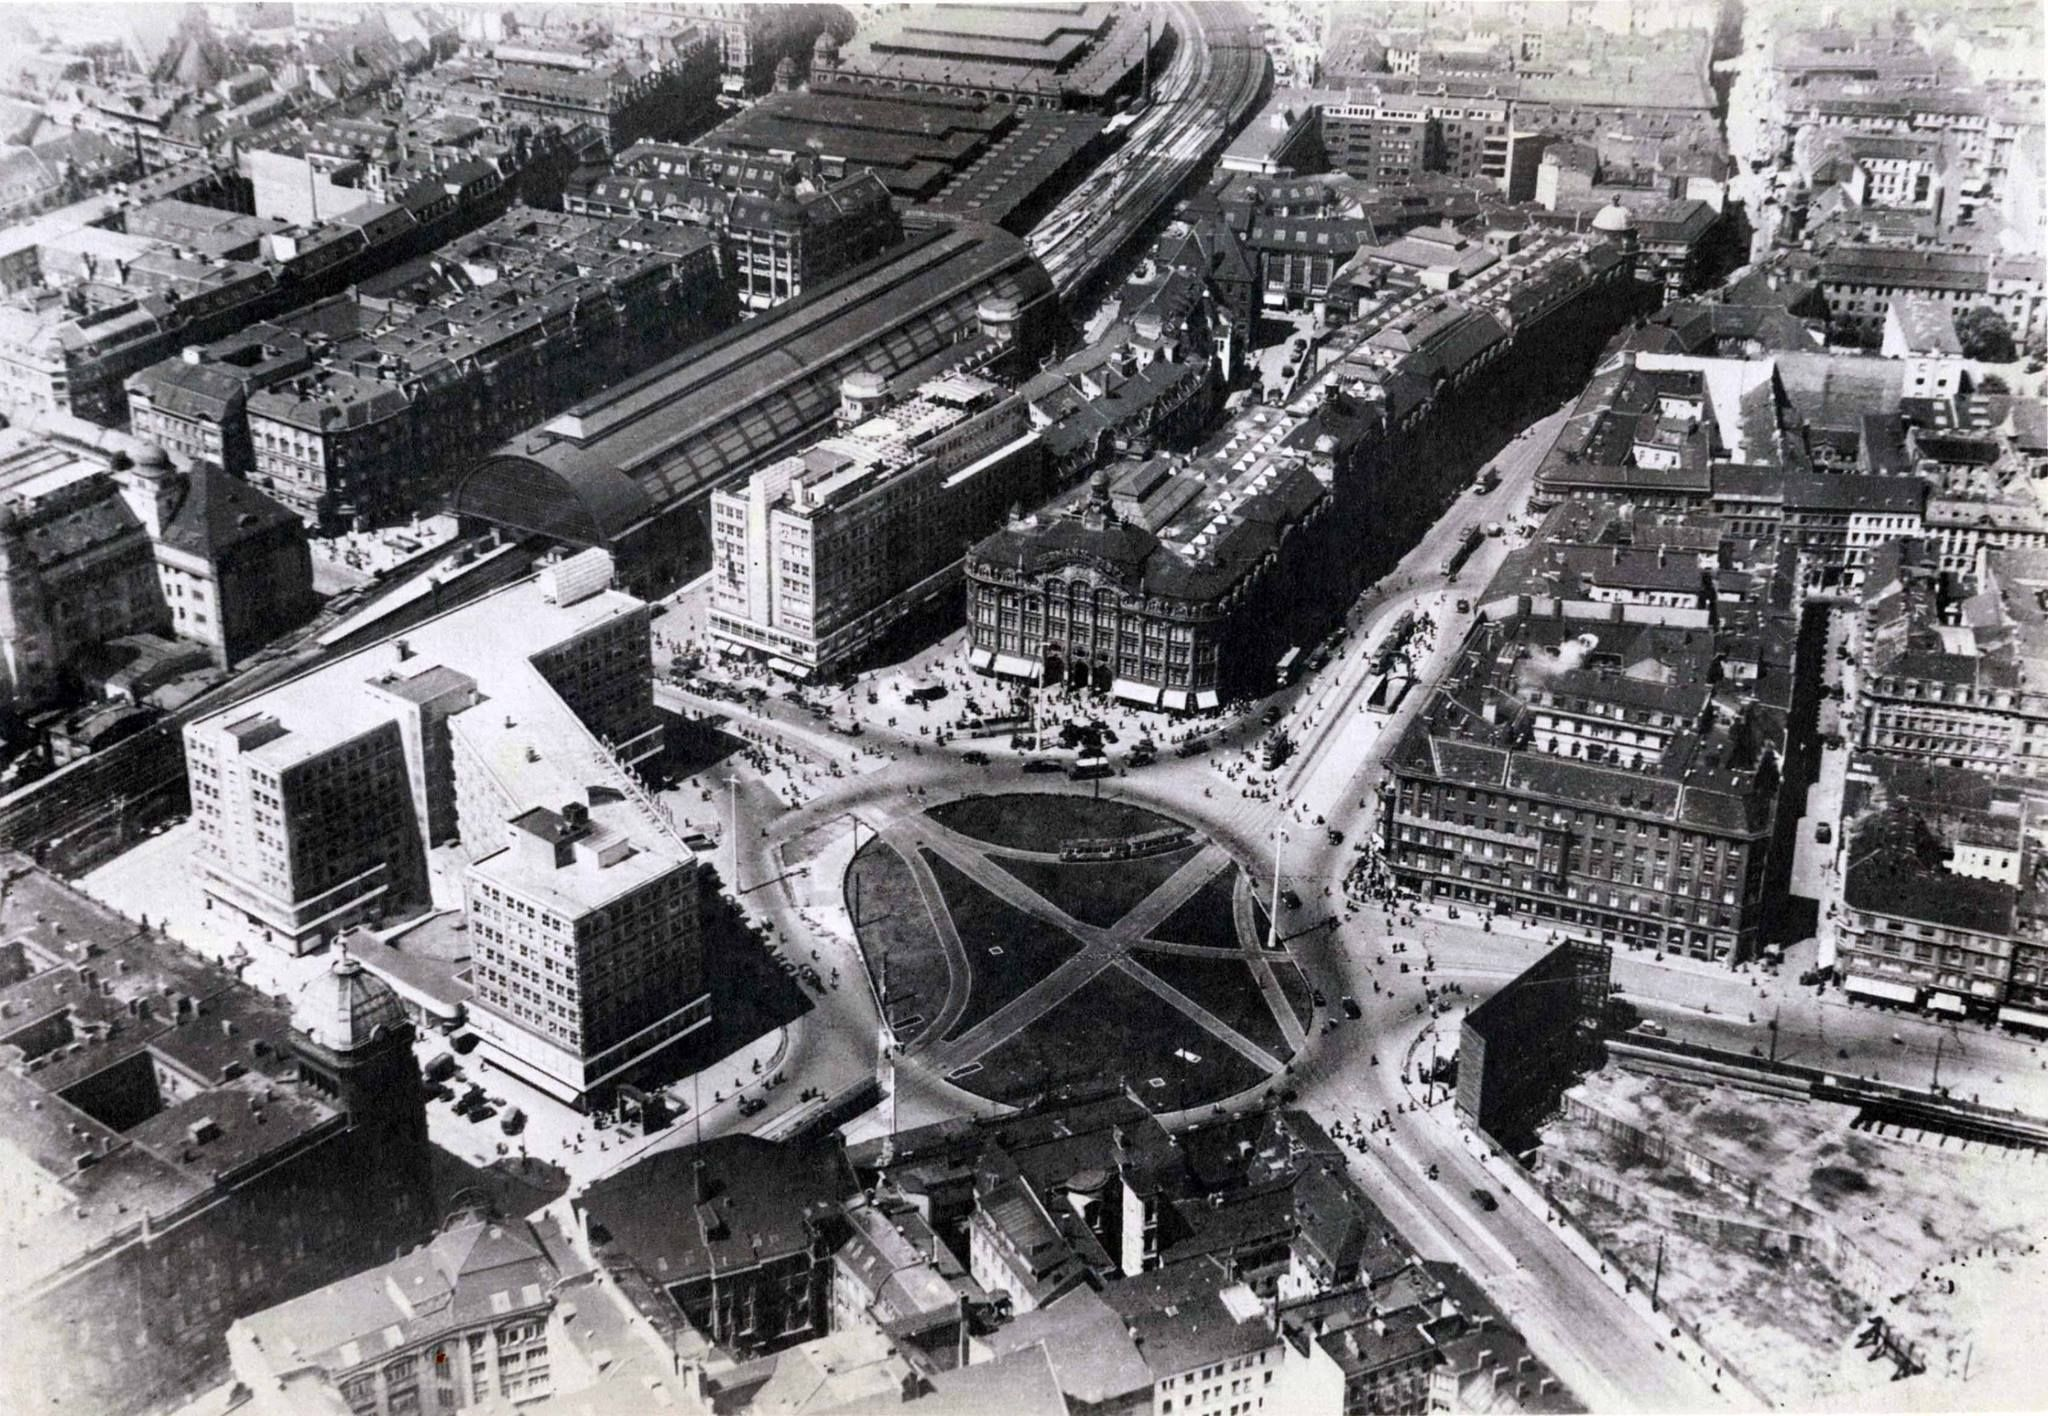 1933 Luftaufnahme Mitte Alexanderplatz Mit Bahnhof Daruber Die Zentralmarkthalle Am Linken Bildrand Wertheim Am Rechten T Berlin East Berlin Paris Skyline